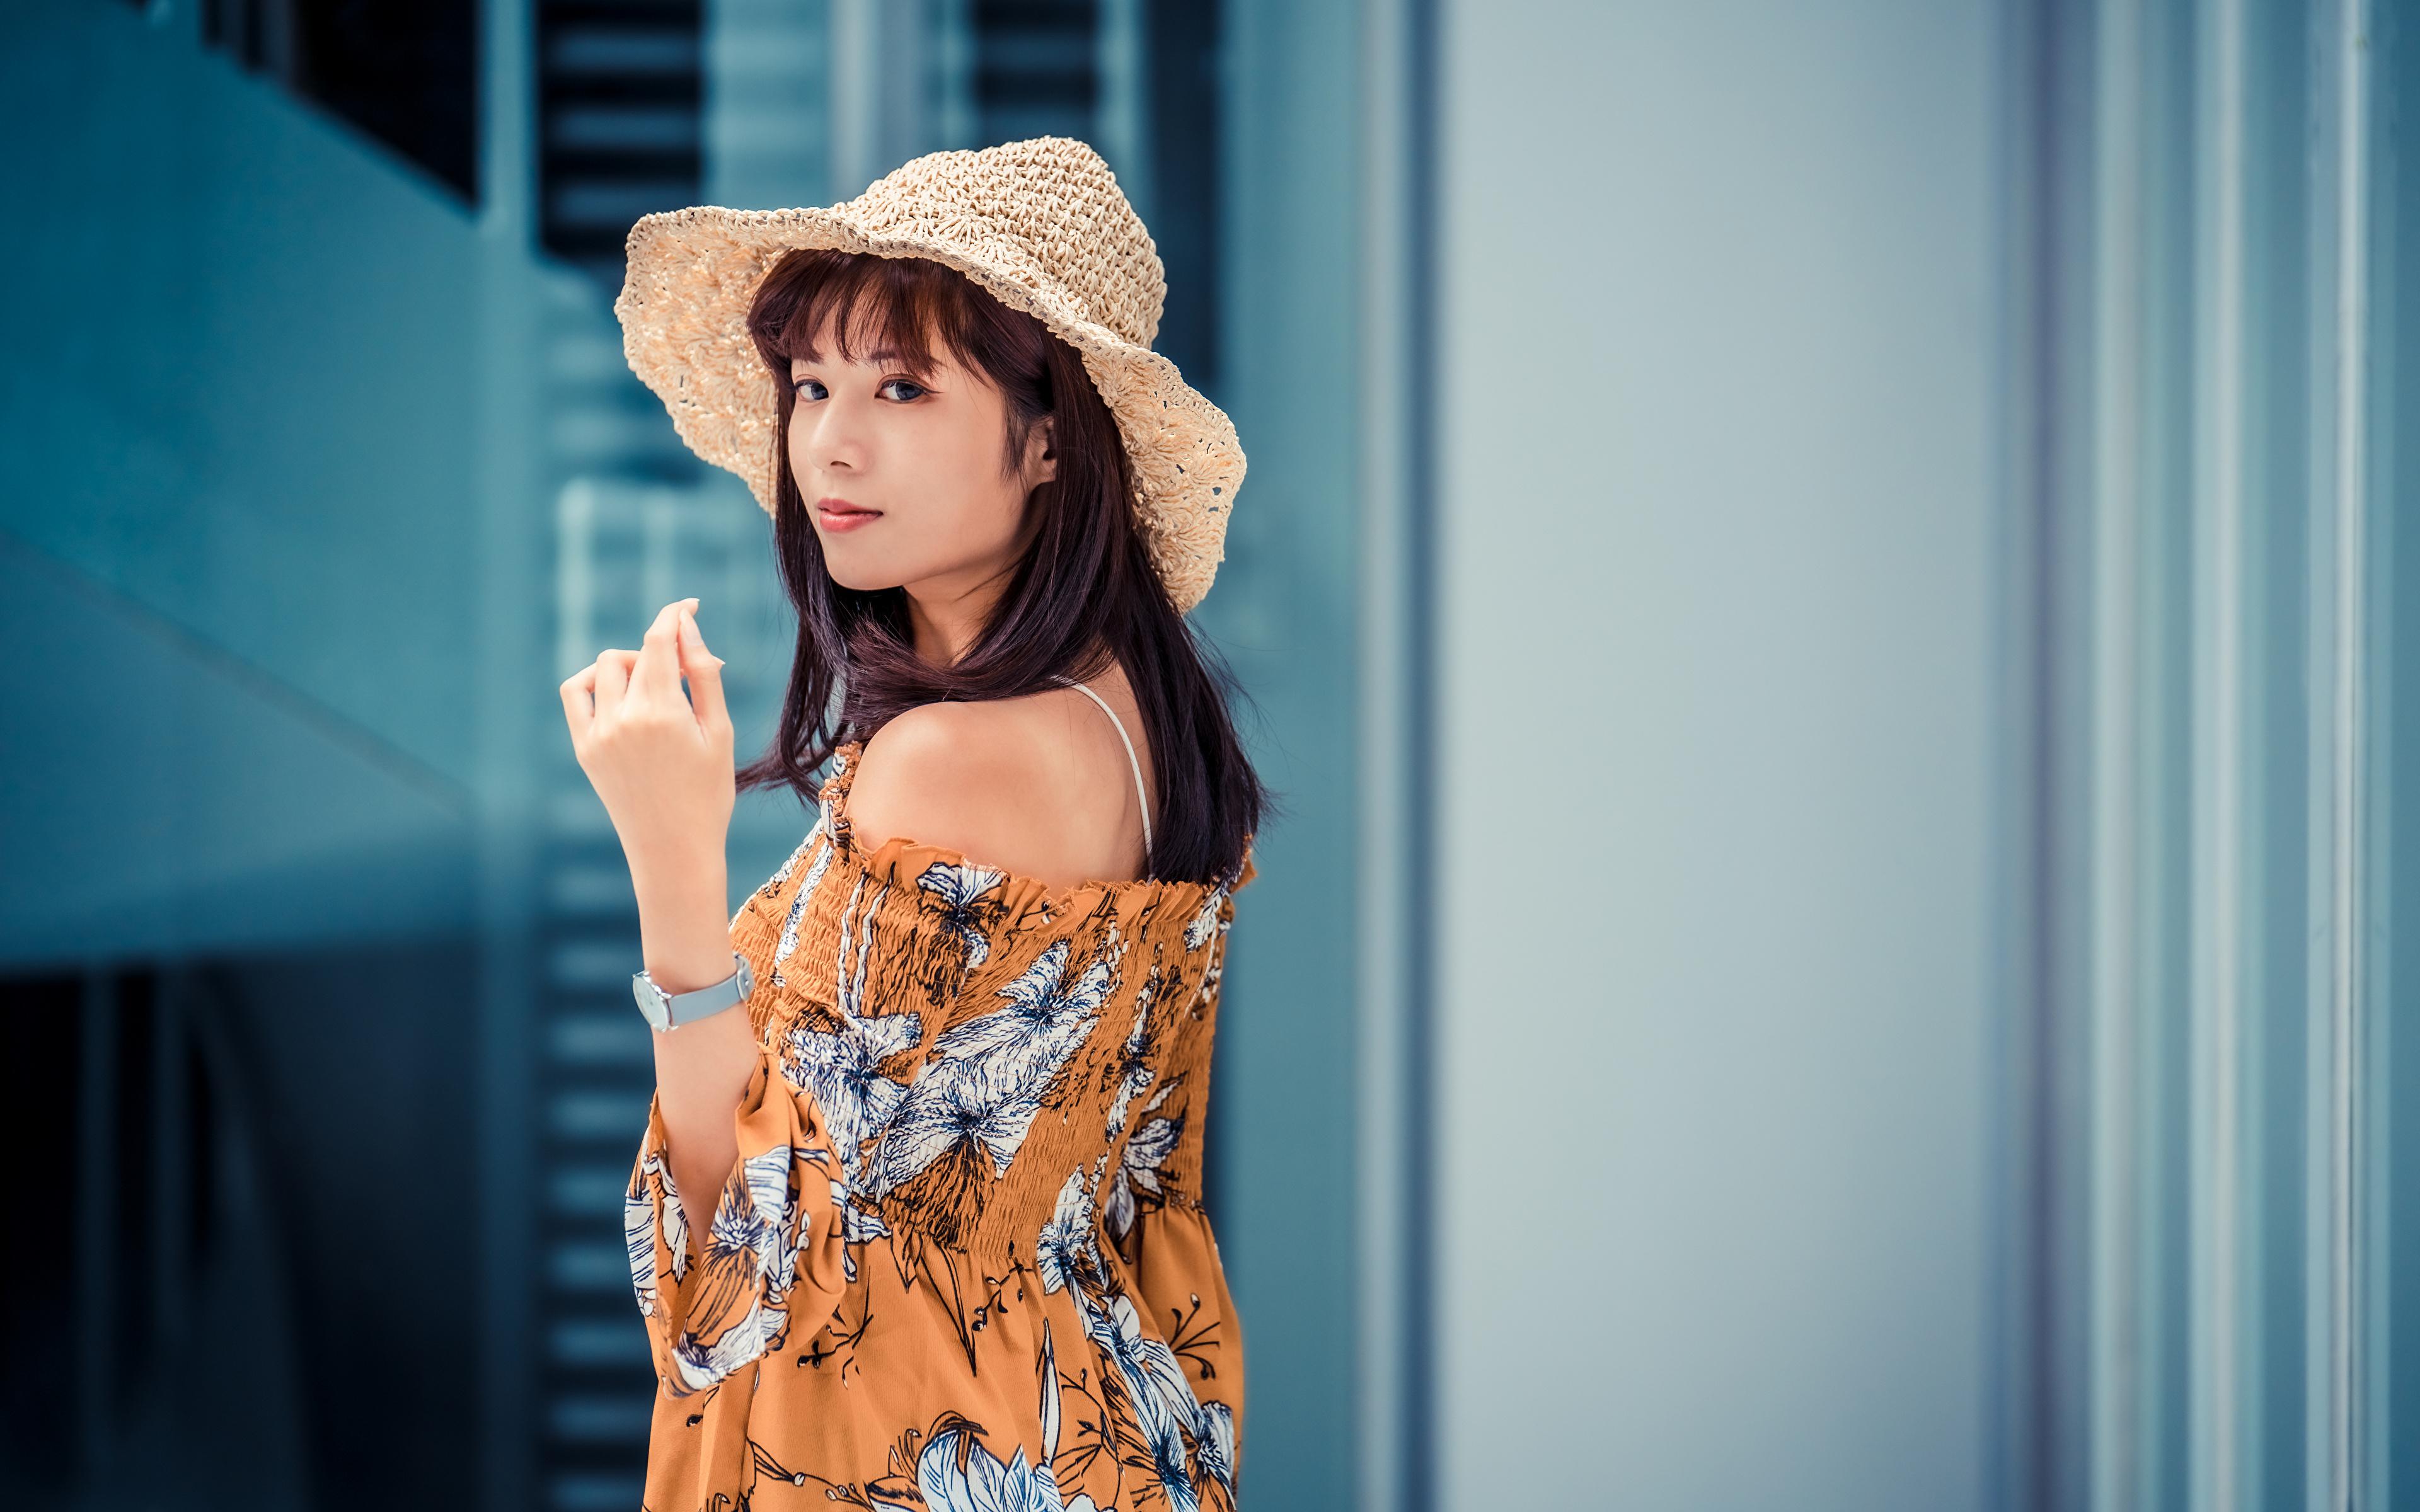 Фото Шатенка Блузка Шляпа молодая женщина Азиаты рука смотрит 3840x2400 шатенки шляпы шляпе девушка Девушки молодые женщины азиатки азиатка Руки Взгляд смотрят